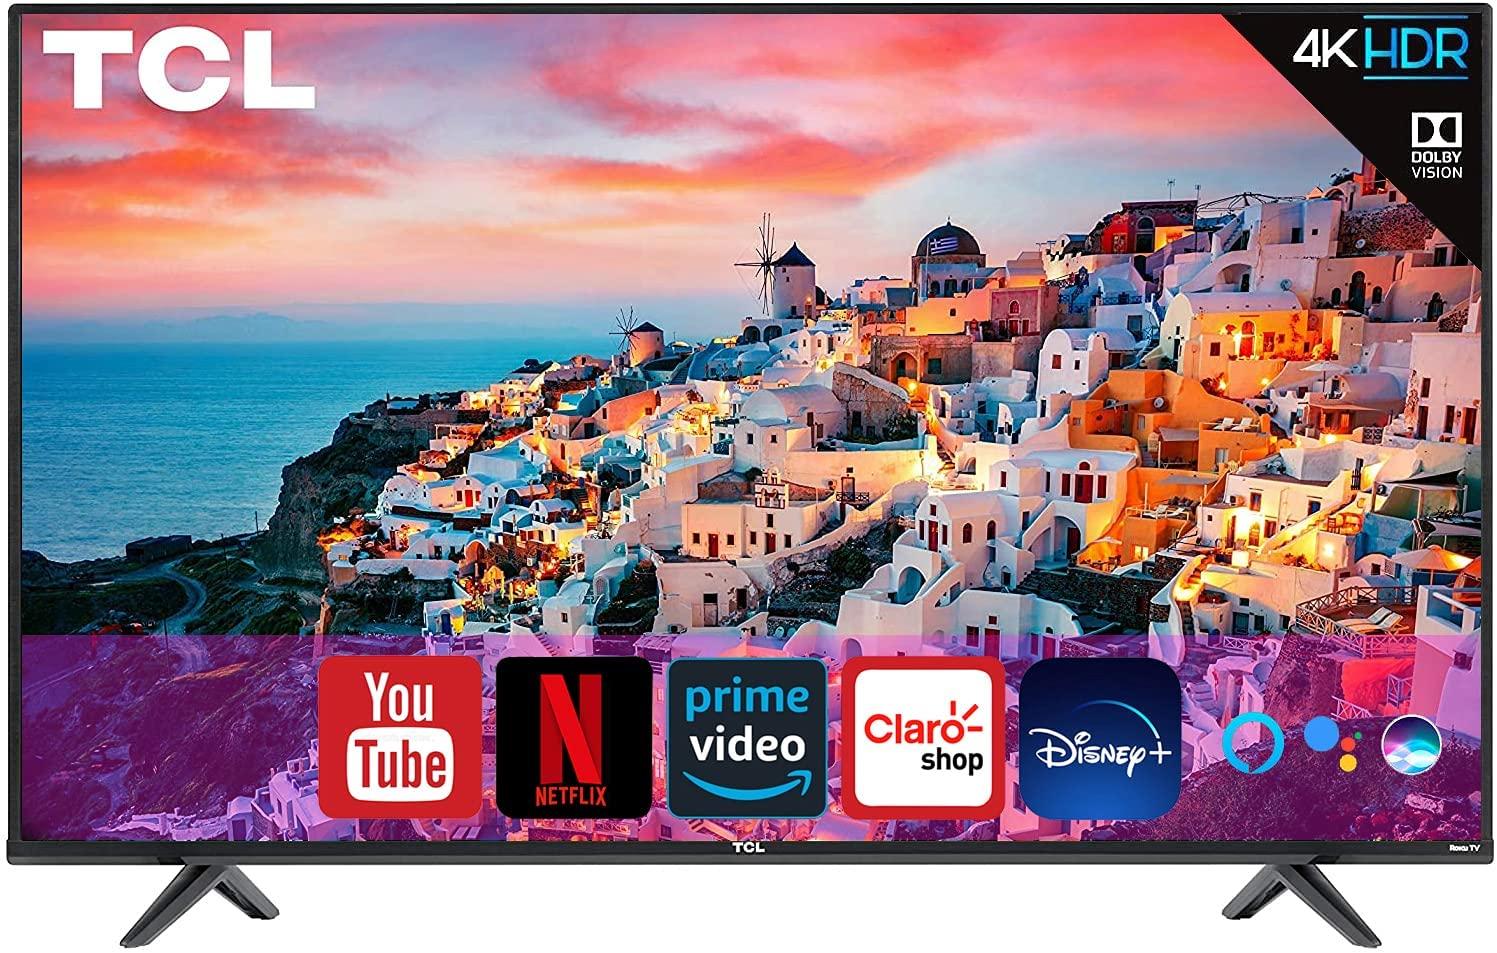 Pantalla TCL 65 pulgadas 4K, Smart TV con HDR10   Control de voz con Google Assistant y Alexa (Renewed)